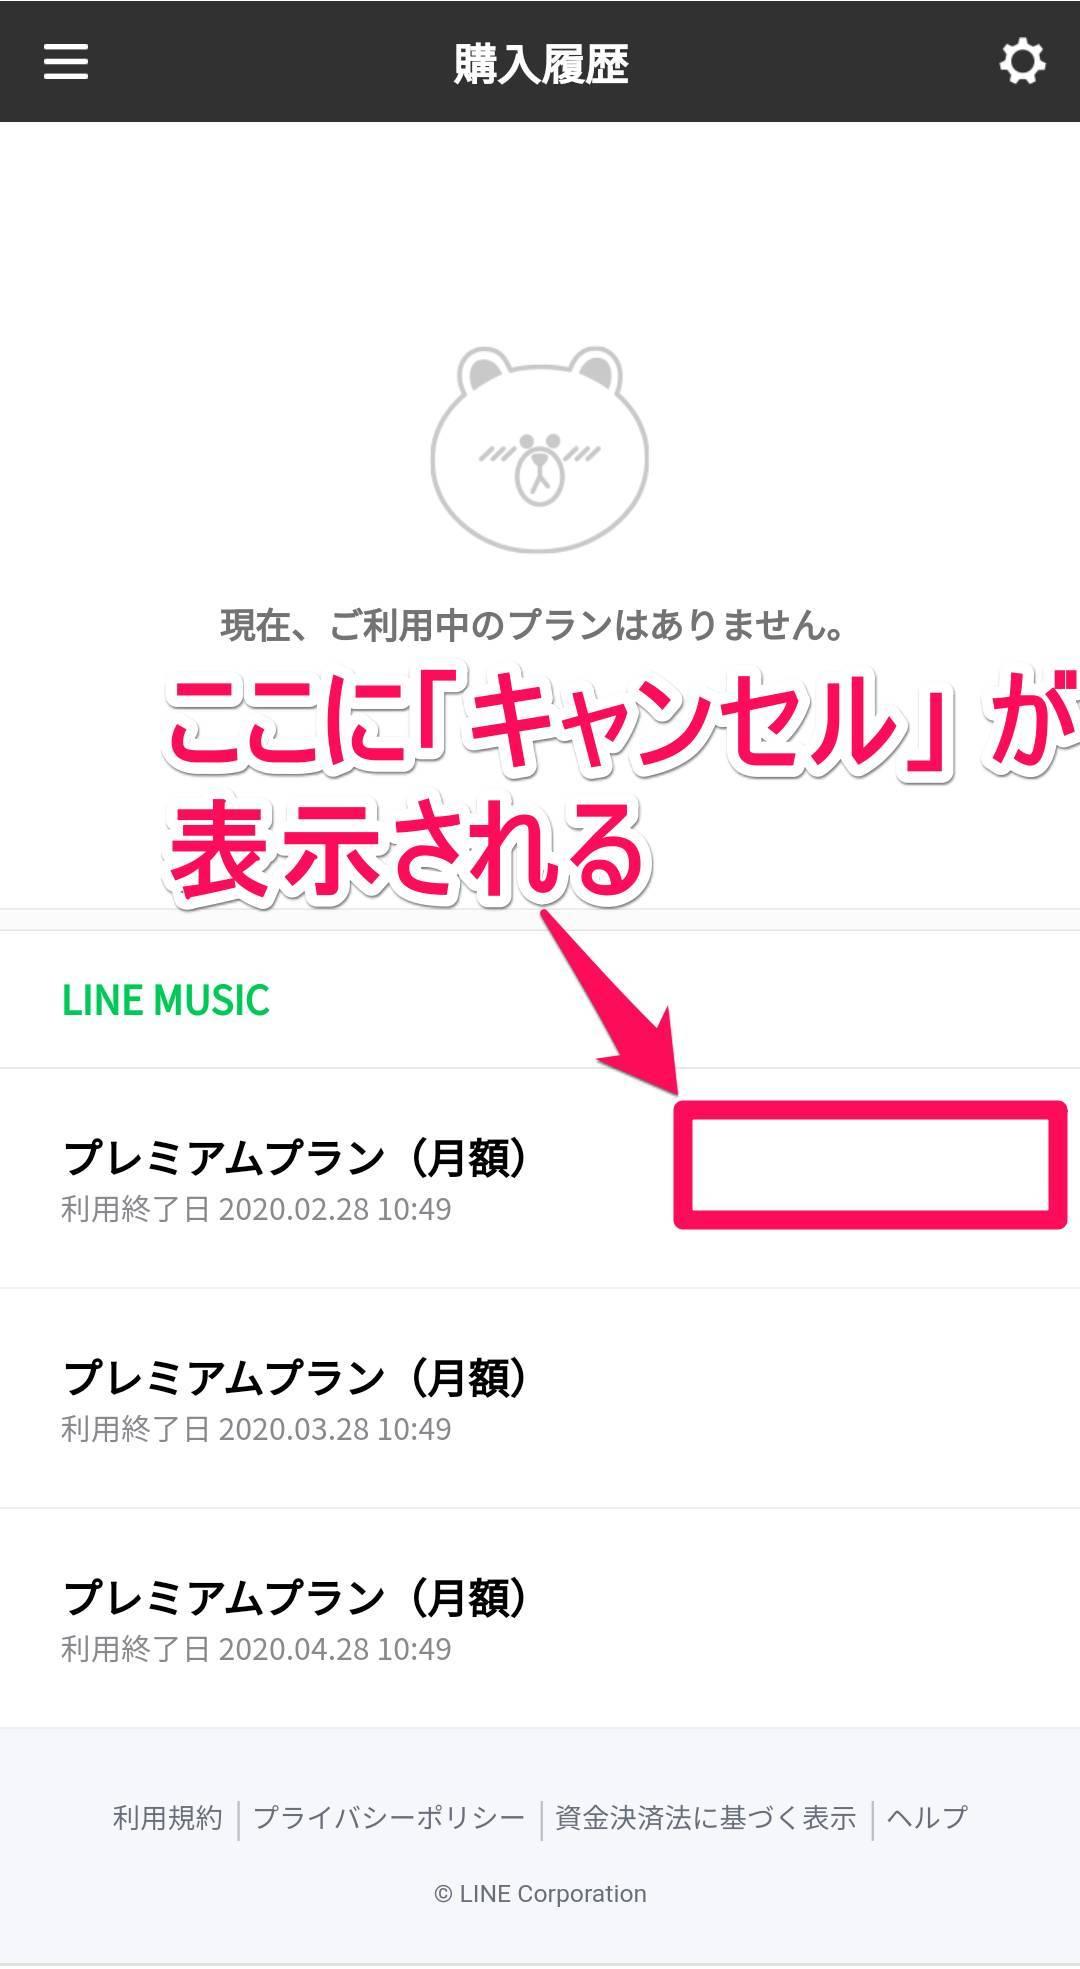 ミュージック 月額 line